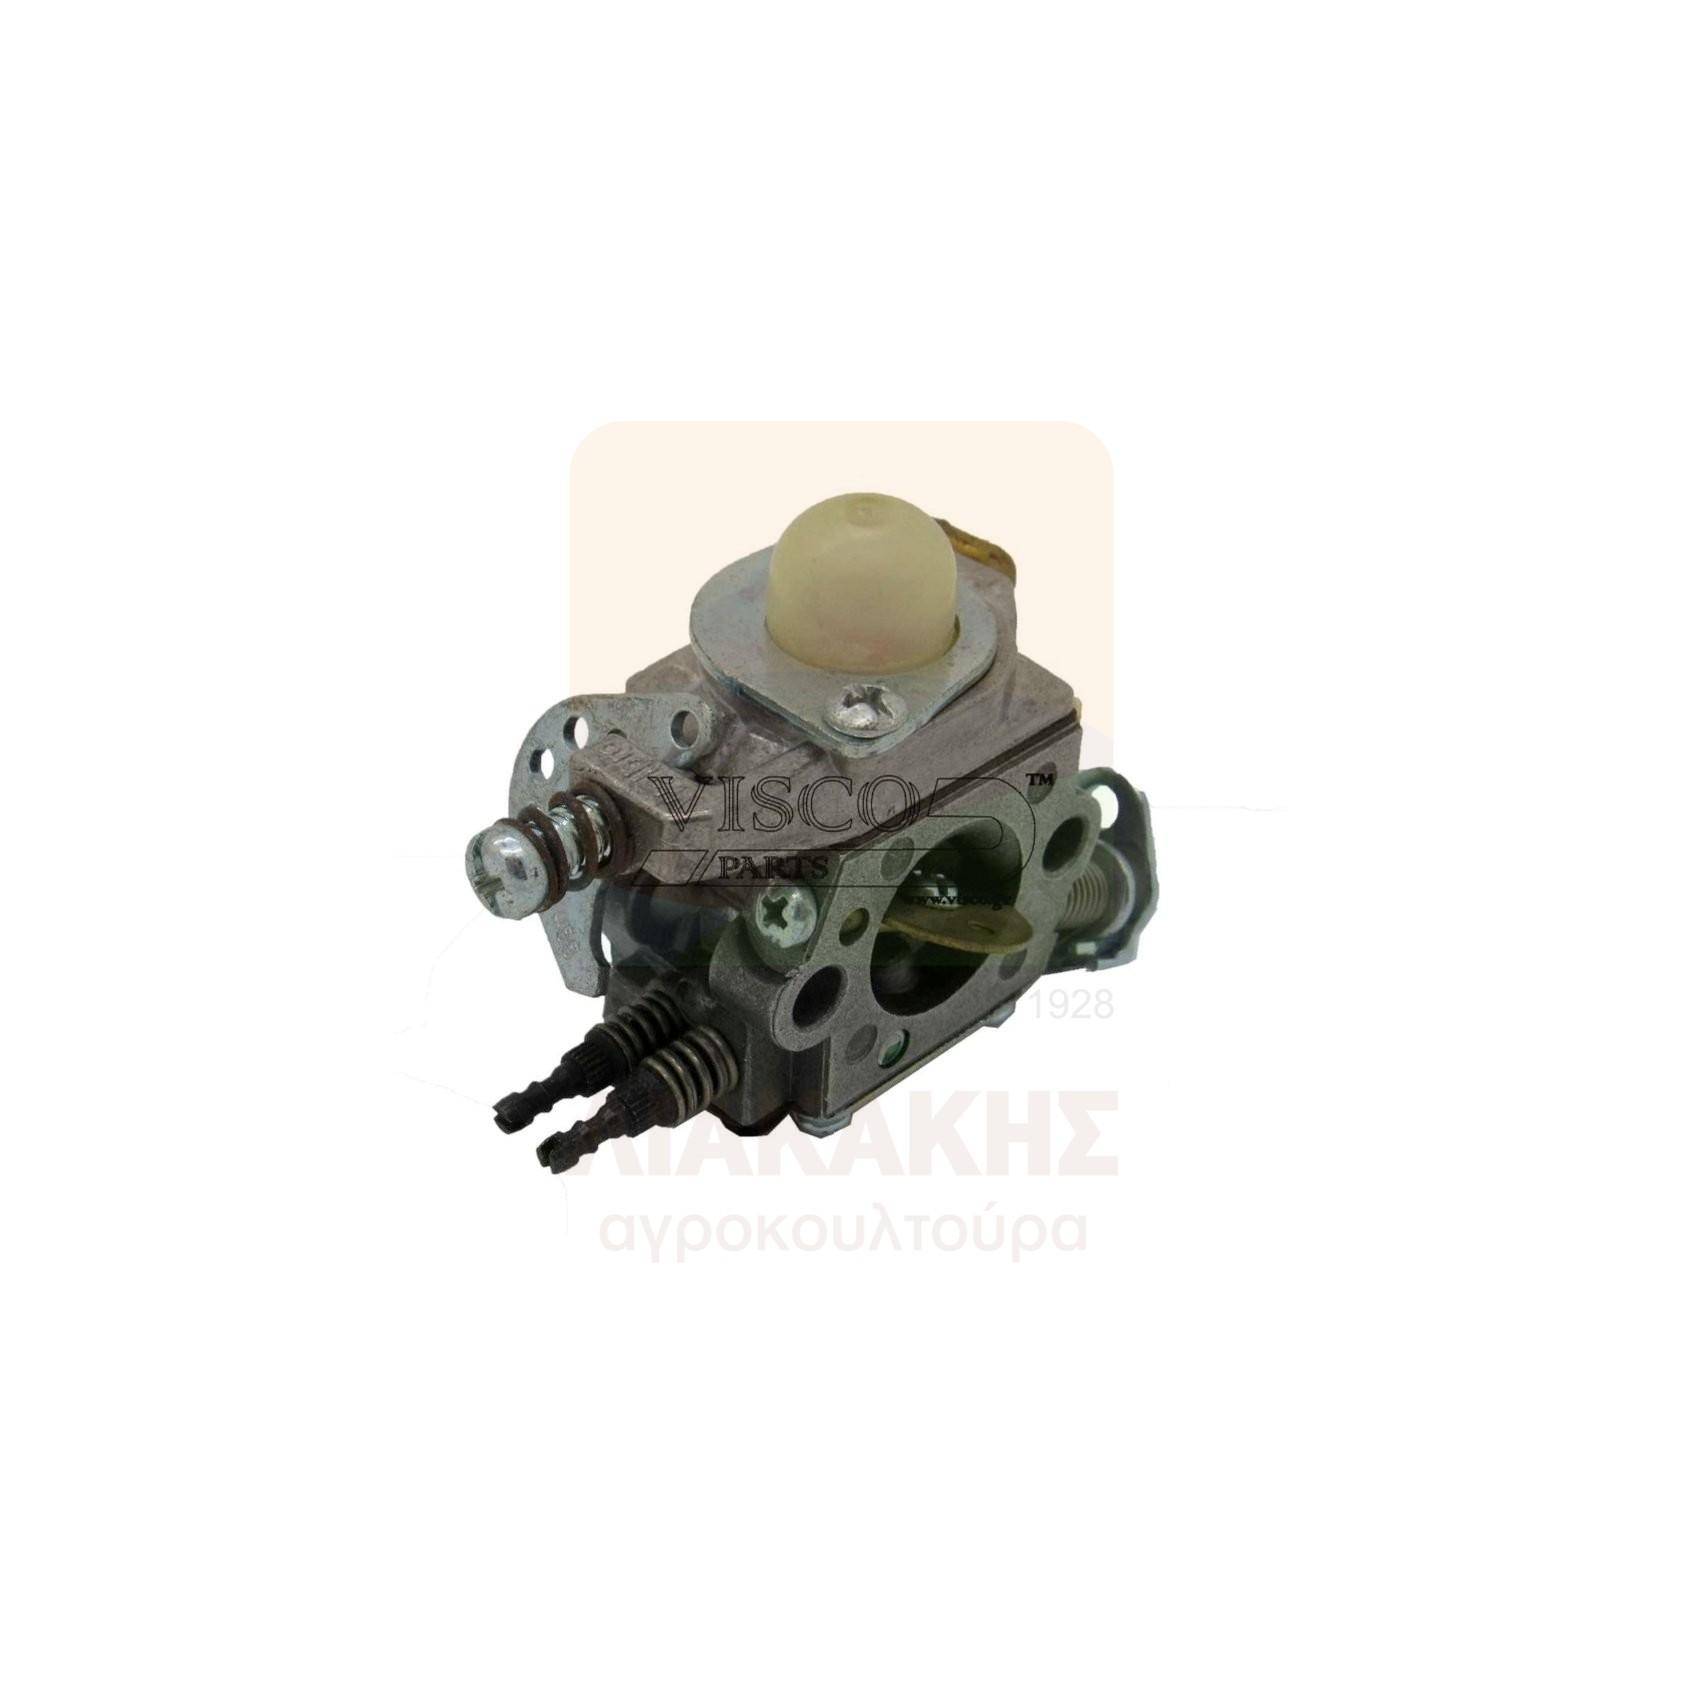 ΚΑΡ-048 Καρμπυρατέρ ALPINA-CASTOR SP-P360-361-370-371-390-391-410-411 ORIGINAL